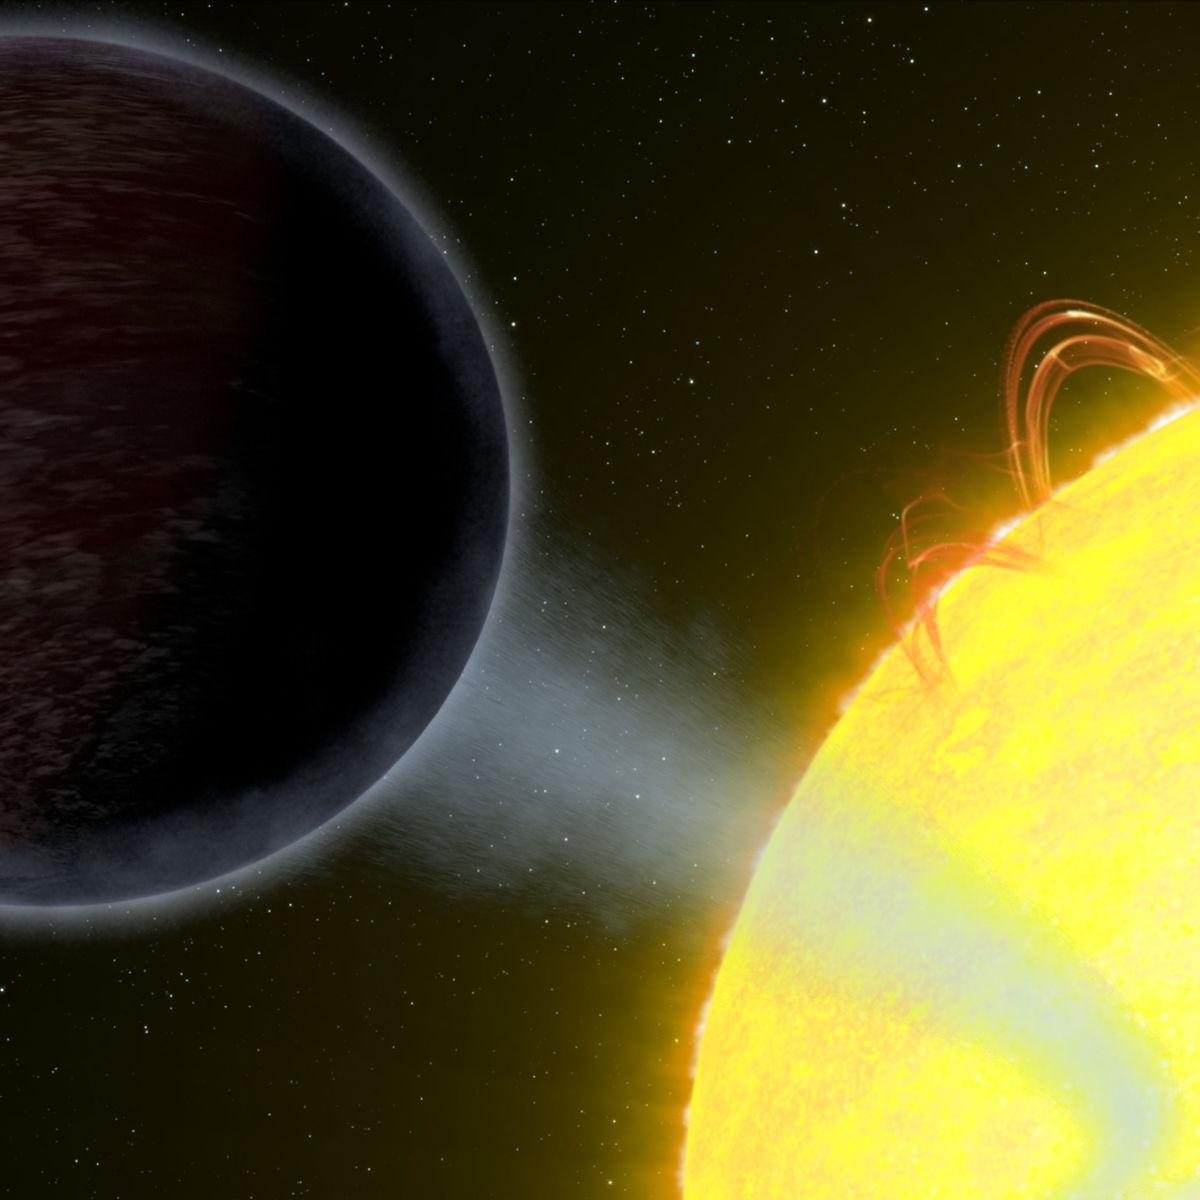 Artwork depicting WASP-12b orbiting its star. Credit: NASA, ESA, and G. Bacon (STScI)